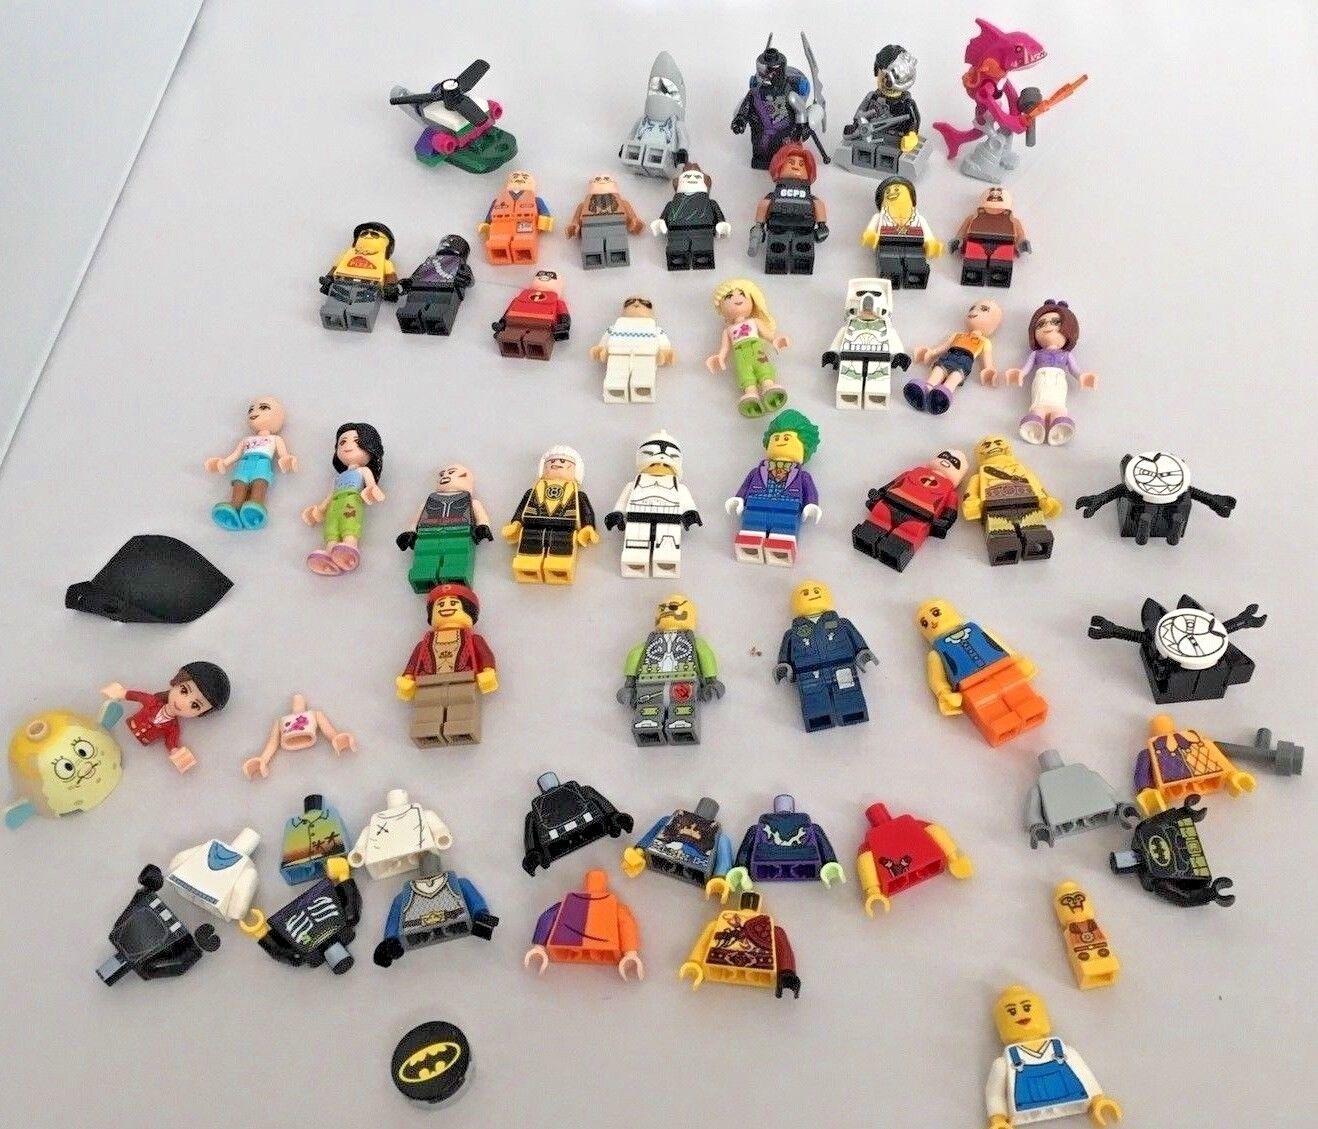 Lot 30 Lego Minifigures Plus Parts & Pieces Fishface Friends Girls Shark Minifig